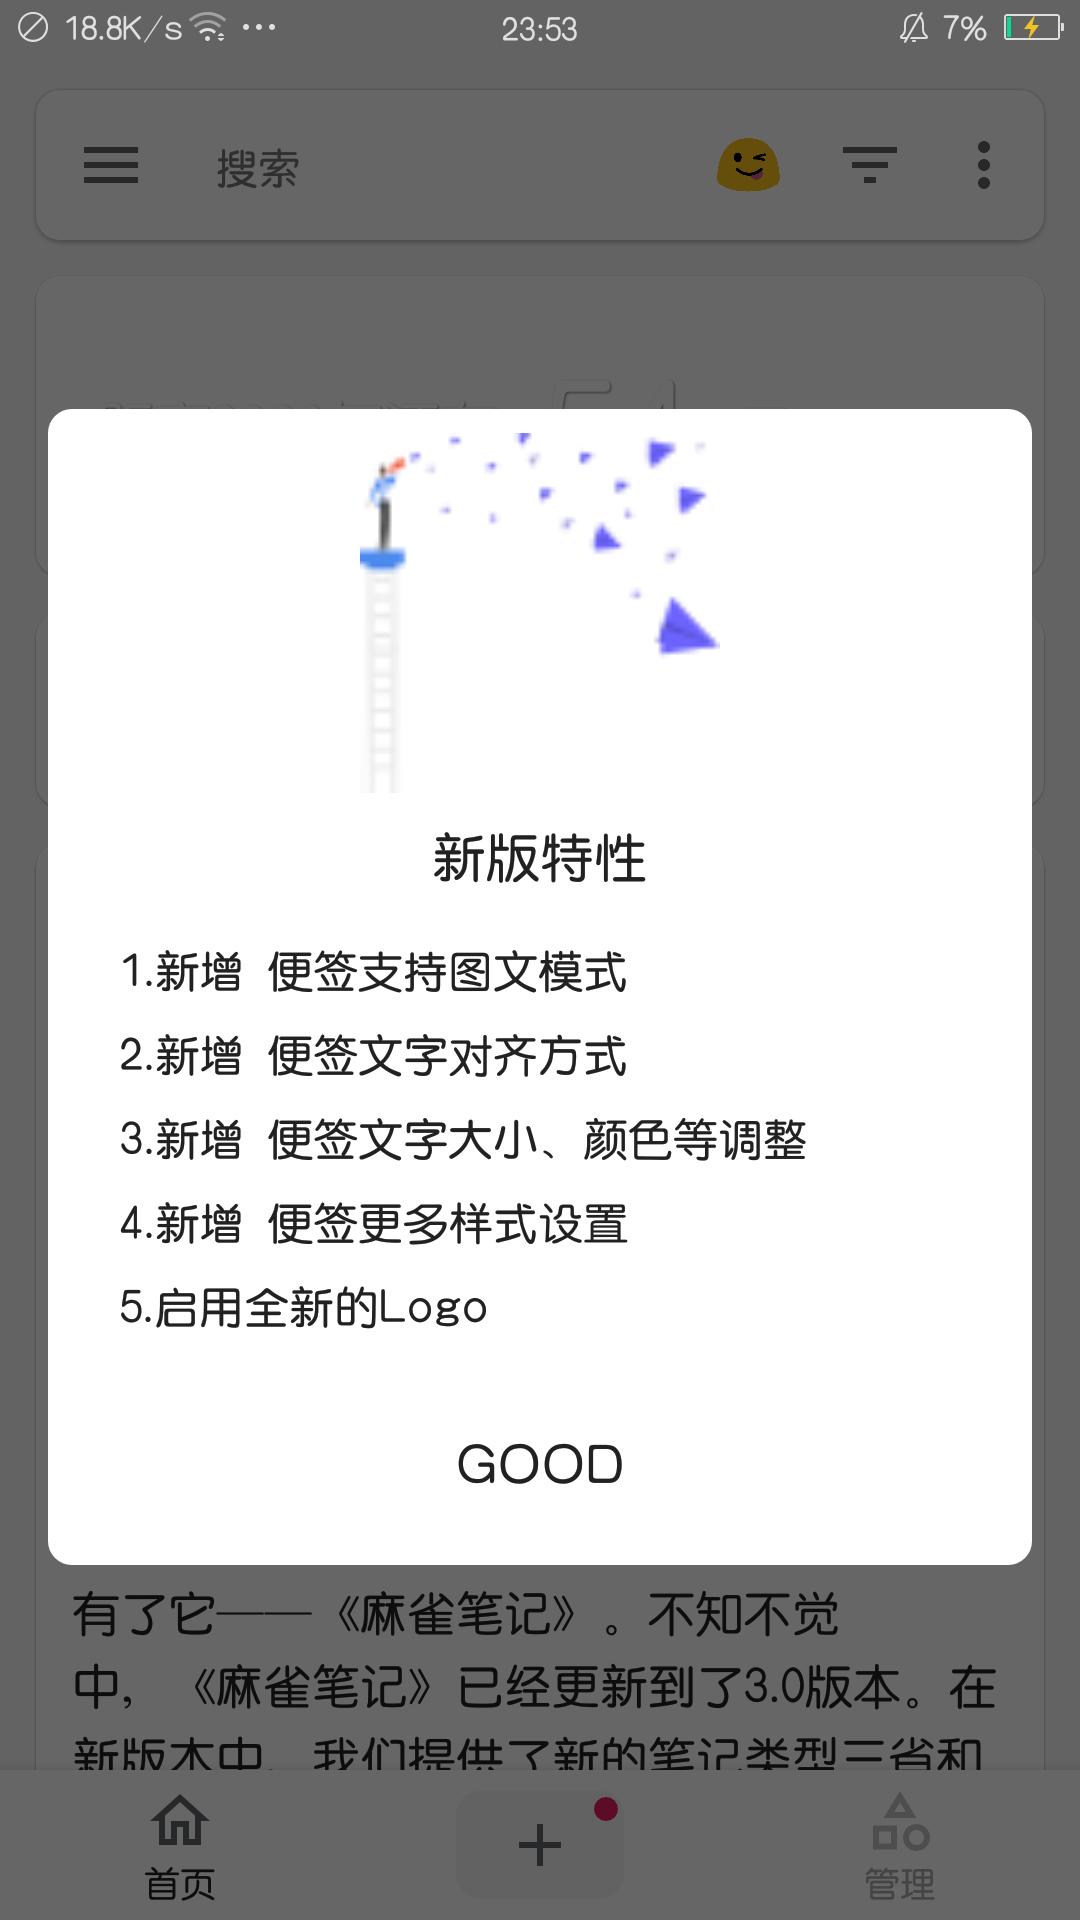 【分享】麻雀笔记-小而全 3.5.0-爱小助